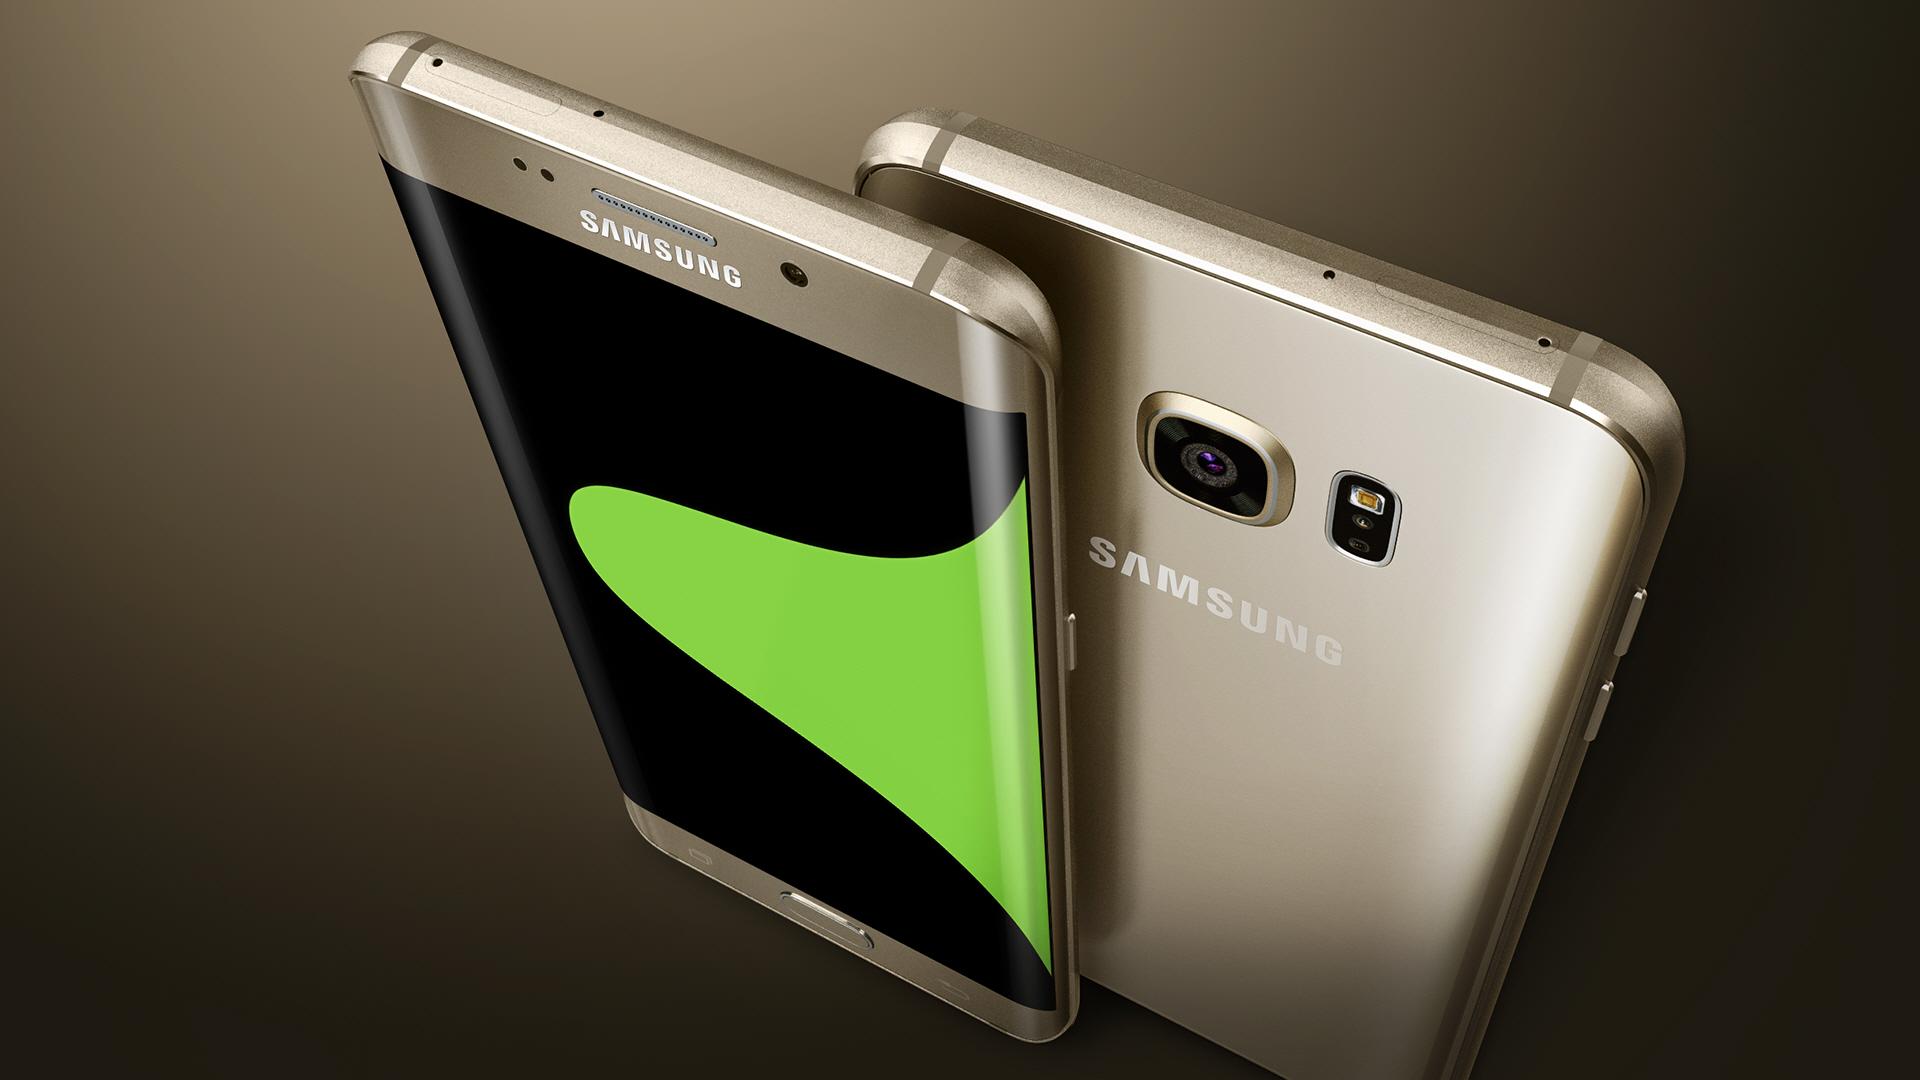 Samsung Galaxy S6 Edge Plus ottiene le patch di sicurezza |Agg.